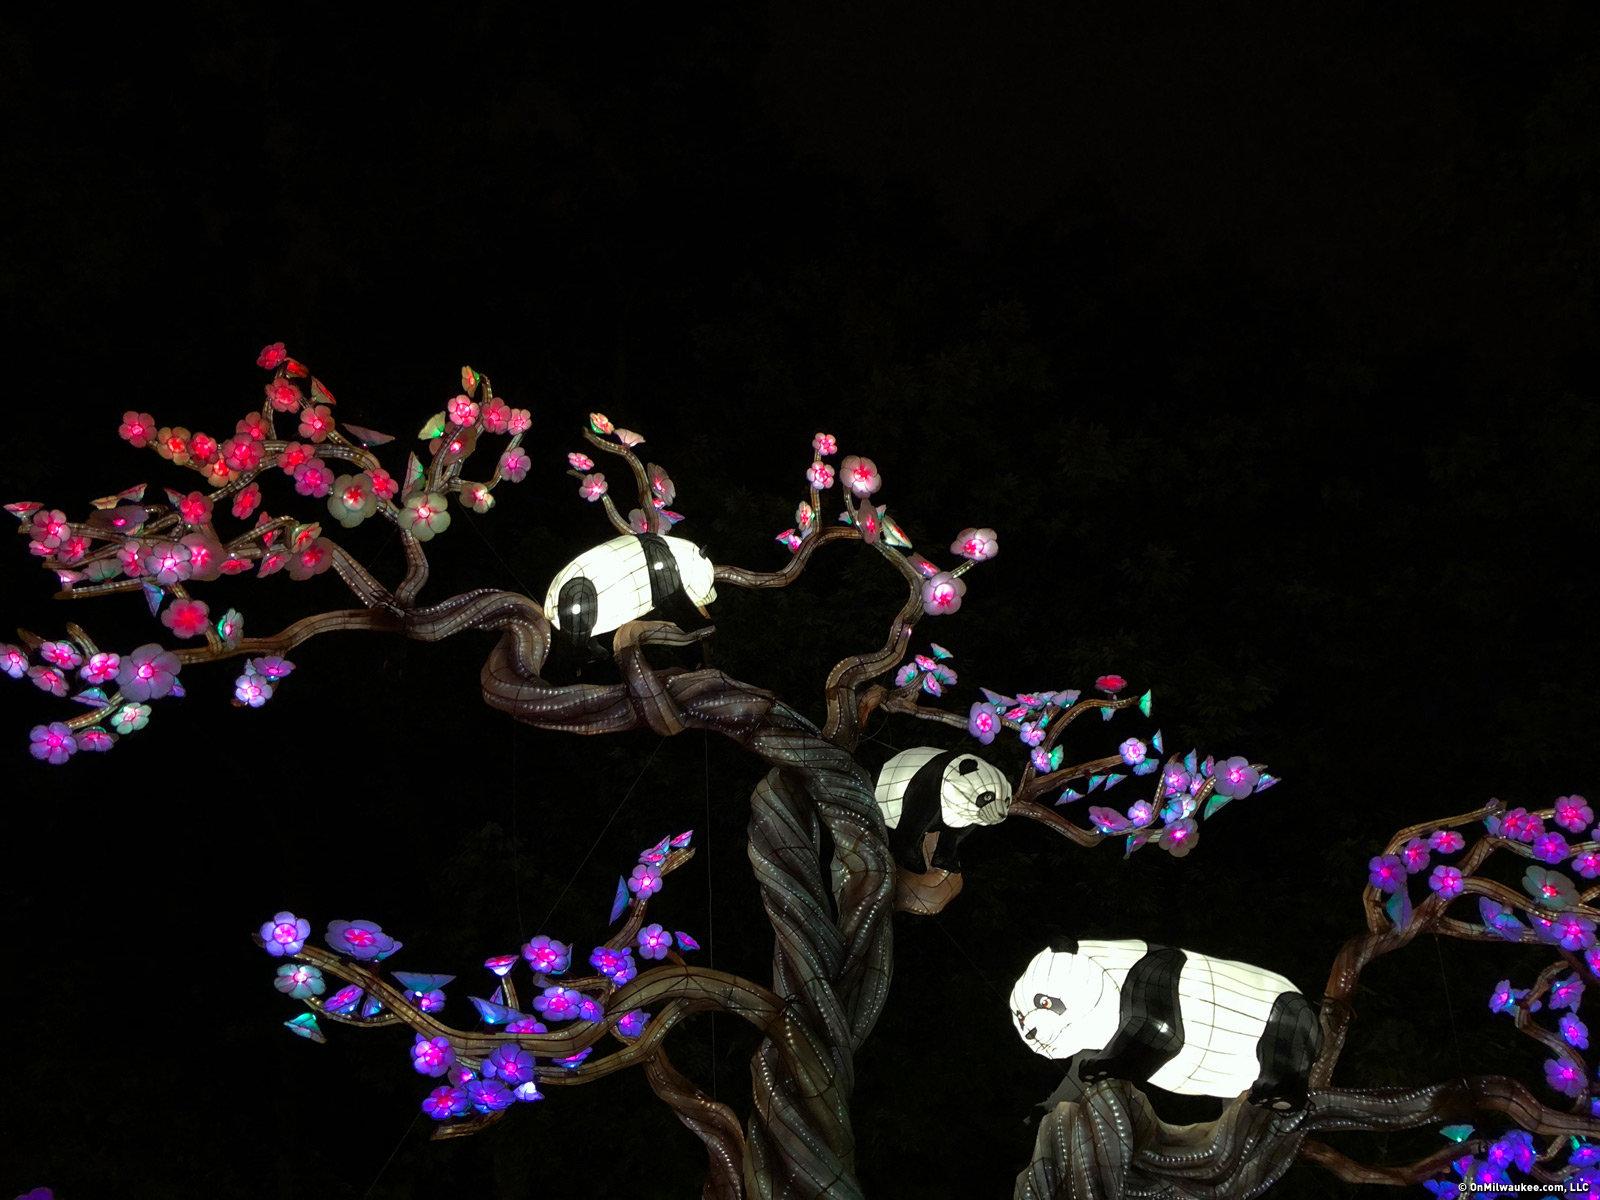 b104bf708cd338a9e5ba00c5a46b1c61 - China Lights Boerner Botanical Gardens Tickets